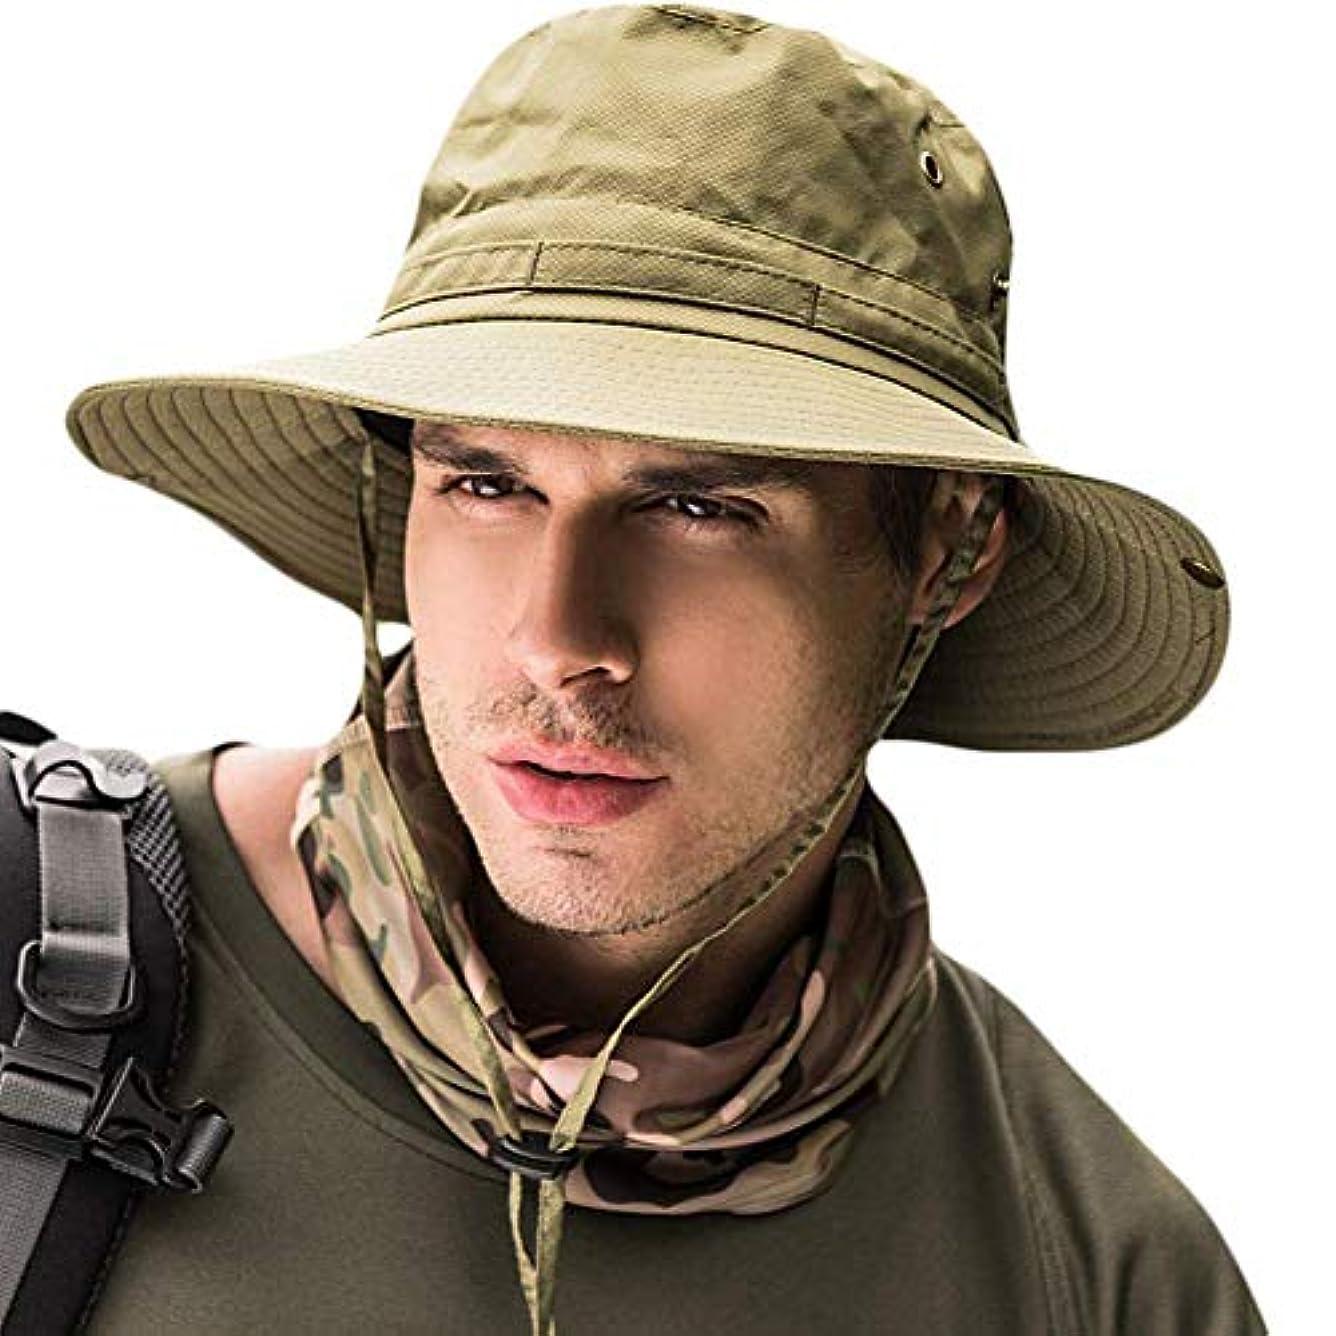 一次すすり泣き荒廃するサファリハット メンズ ハット 帽子 つば広 大きいサイズ 速乾?軽薄?通気性抜群?紫外線対策?折りたたみ あご紐付き アウトドア 釣り ハイキング 登山 レディース 男女兼用